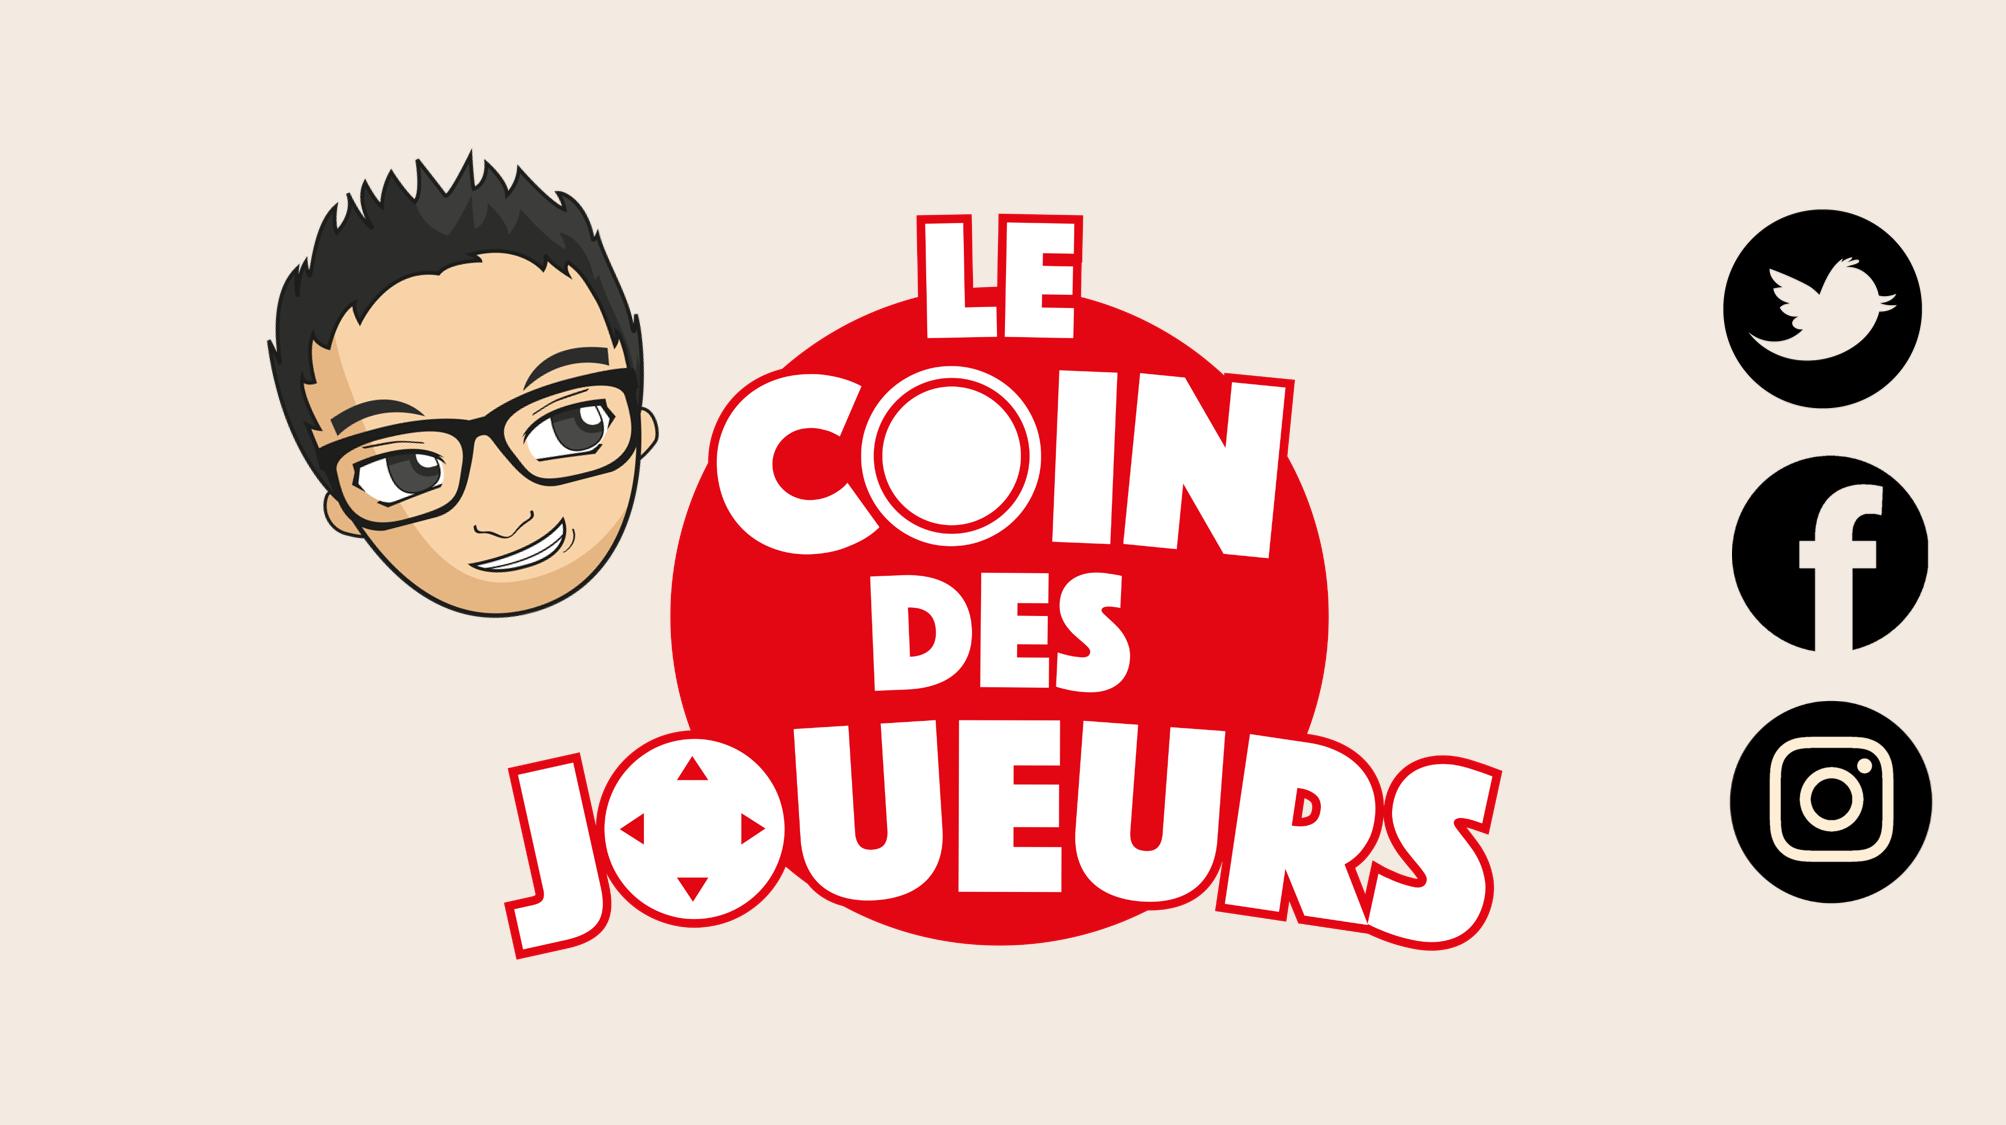 Le Coin des Joueurs